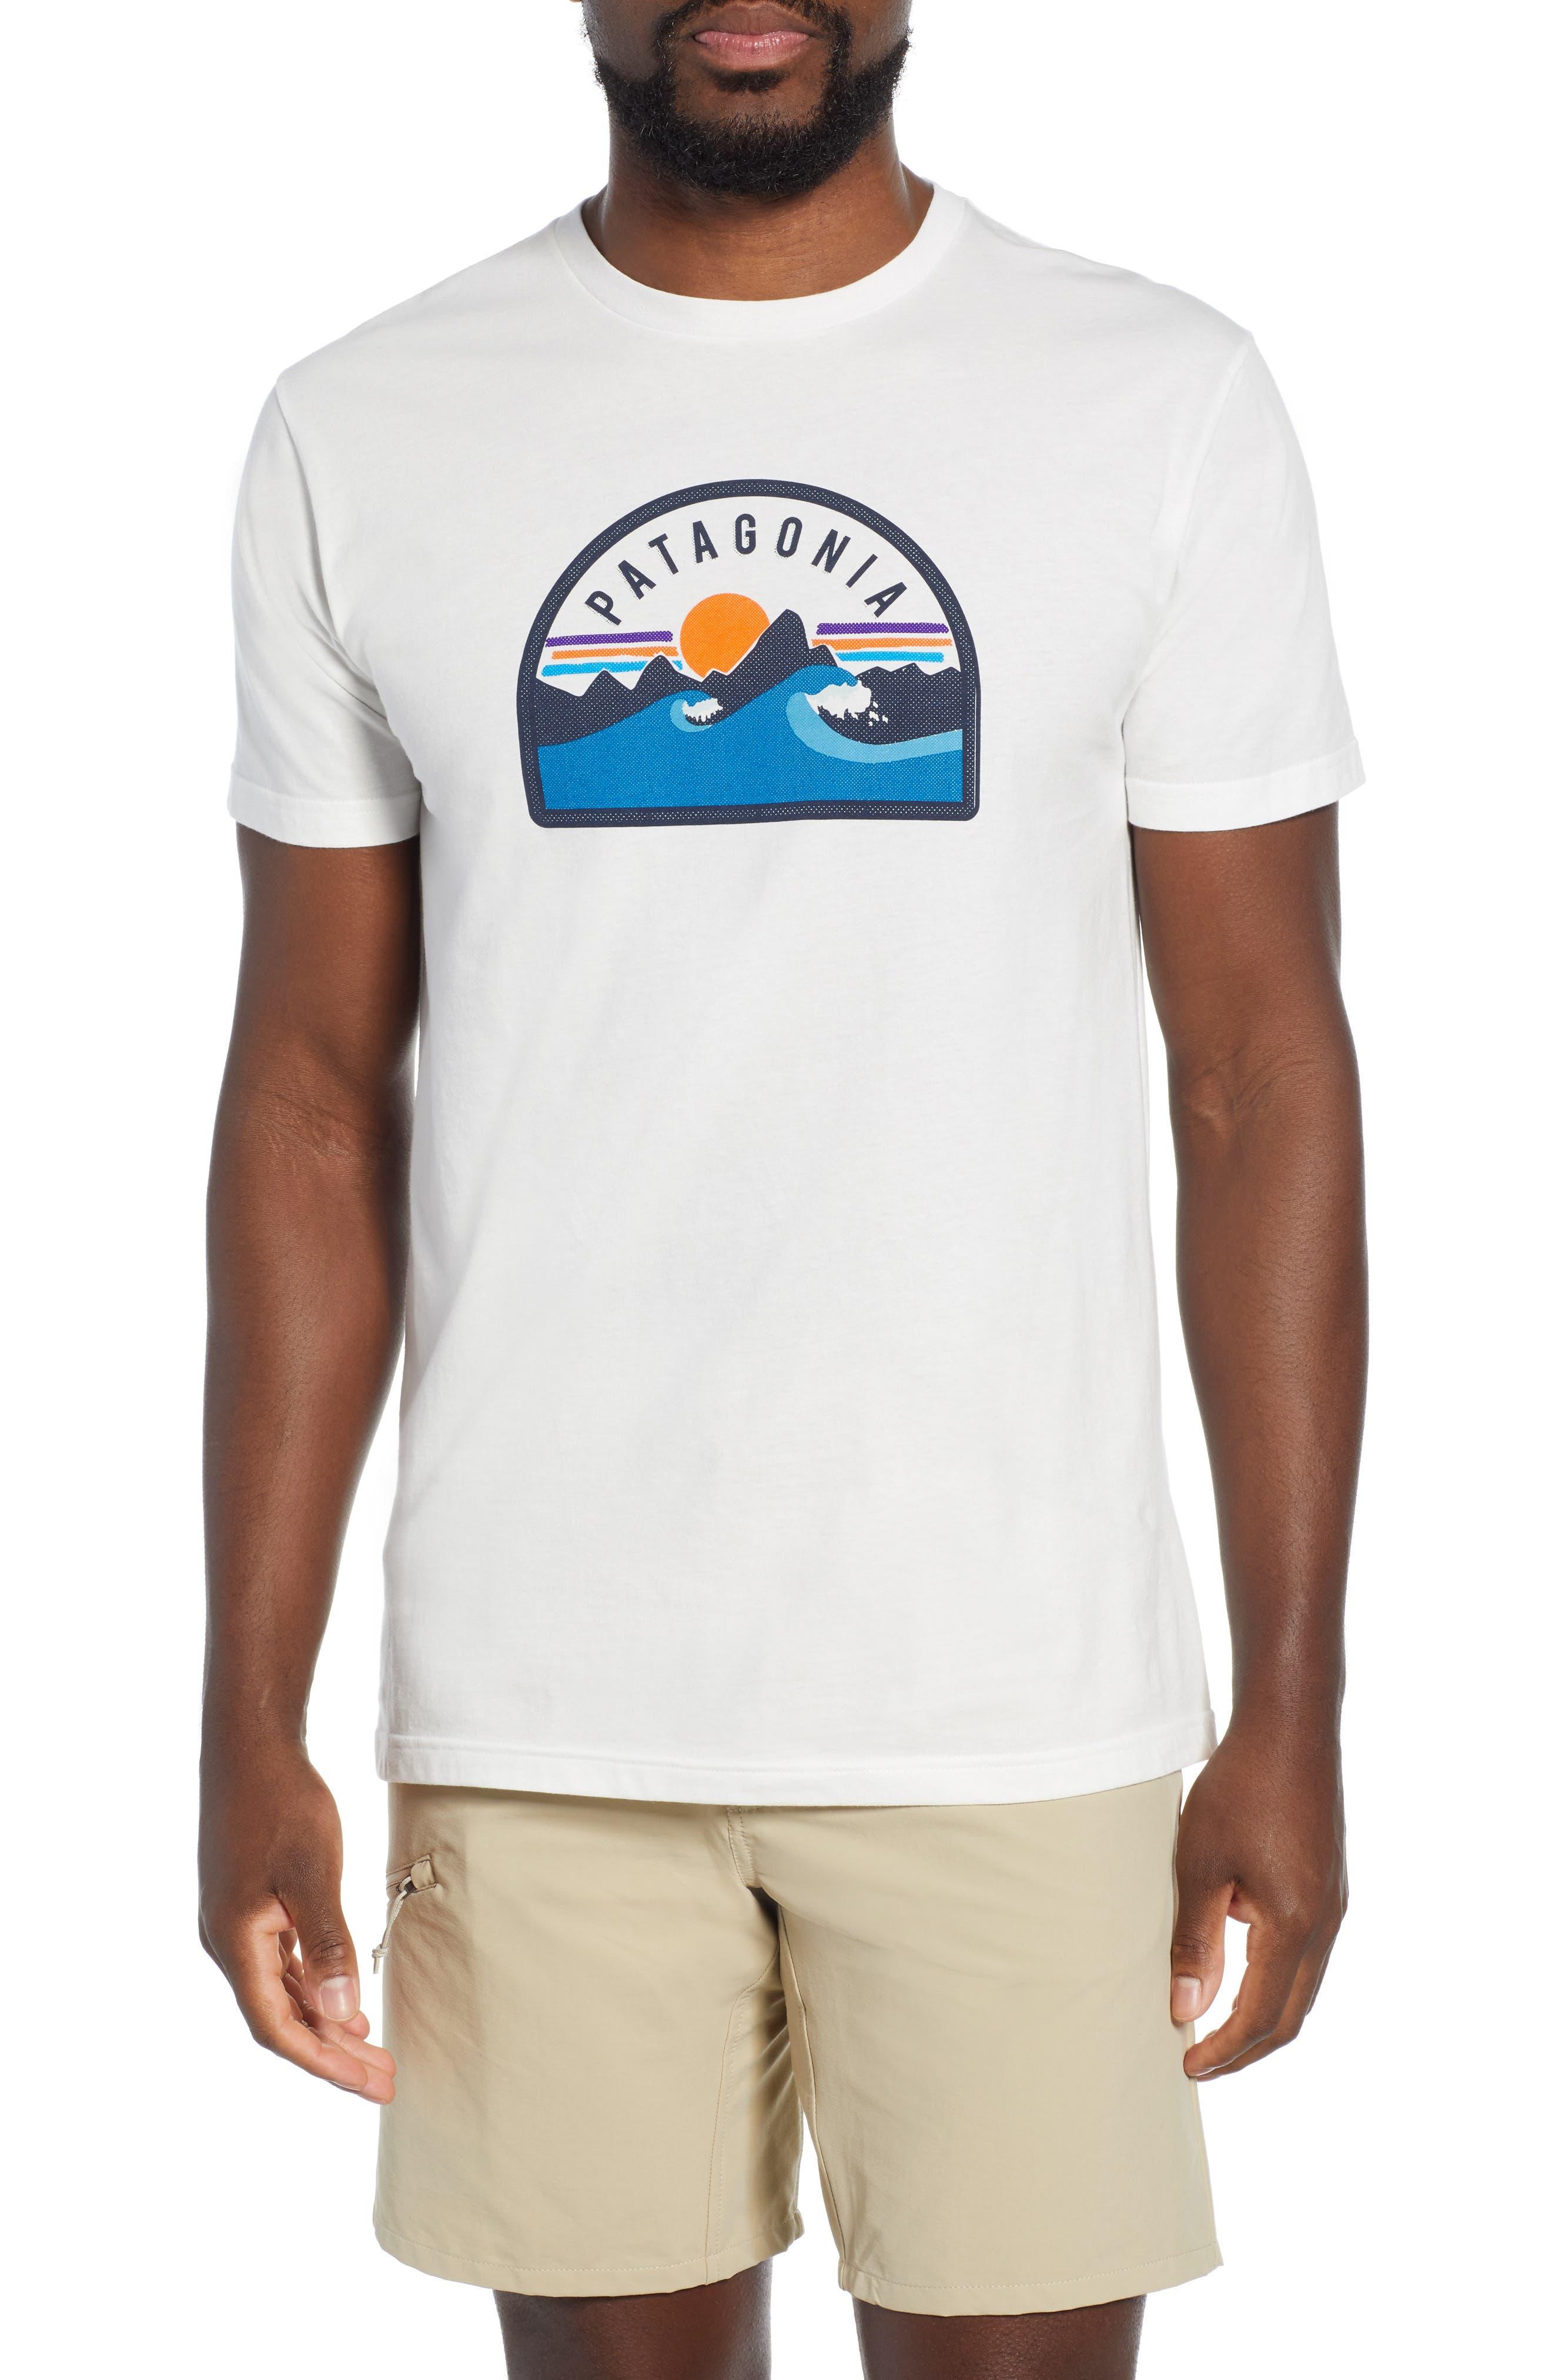 Patagonia Boardie Badge Organic Cotton T-Shirt, White